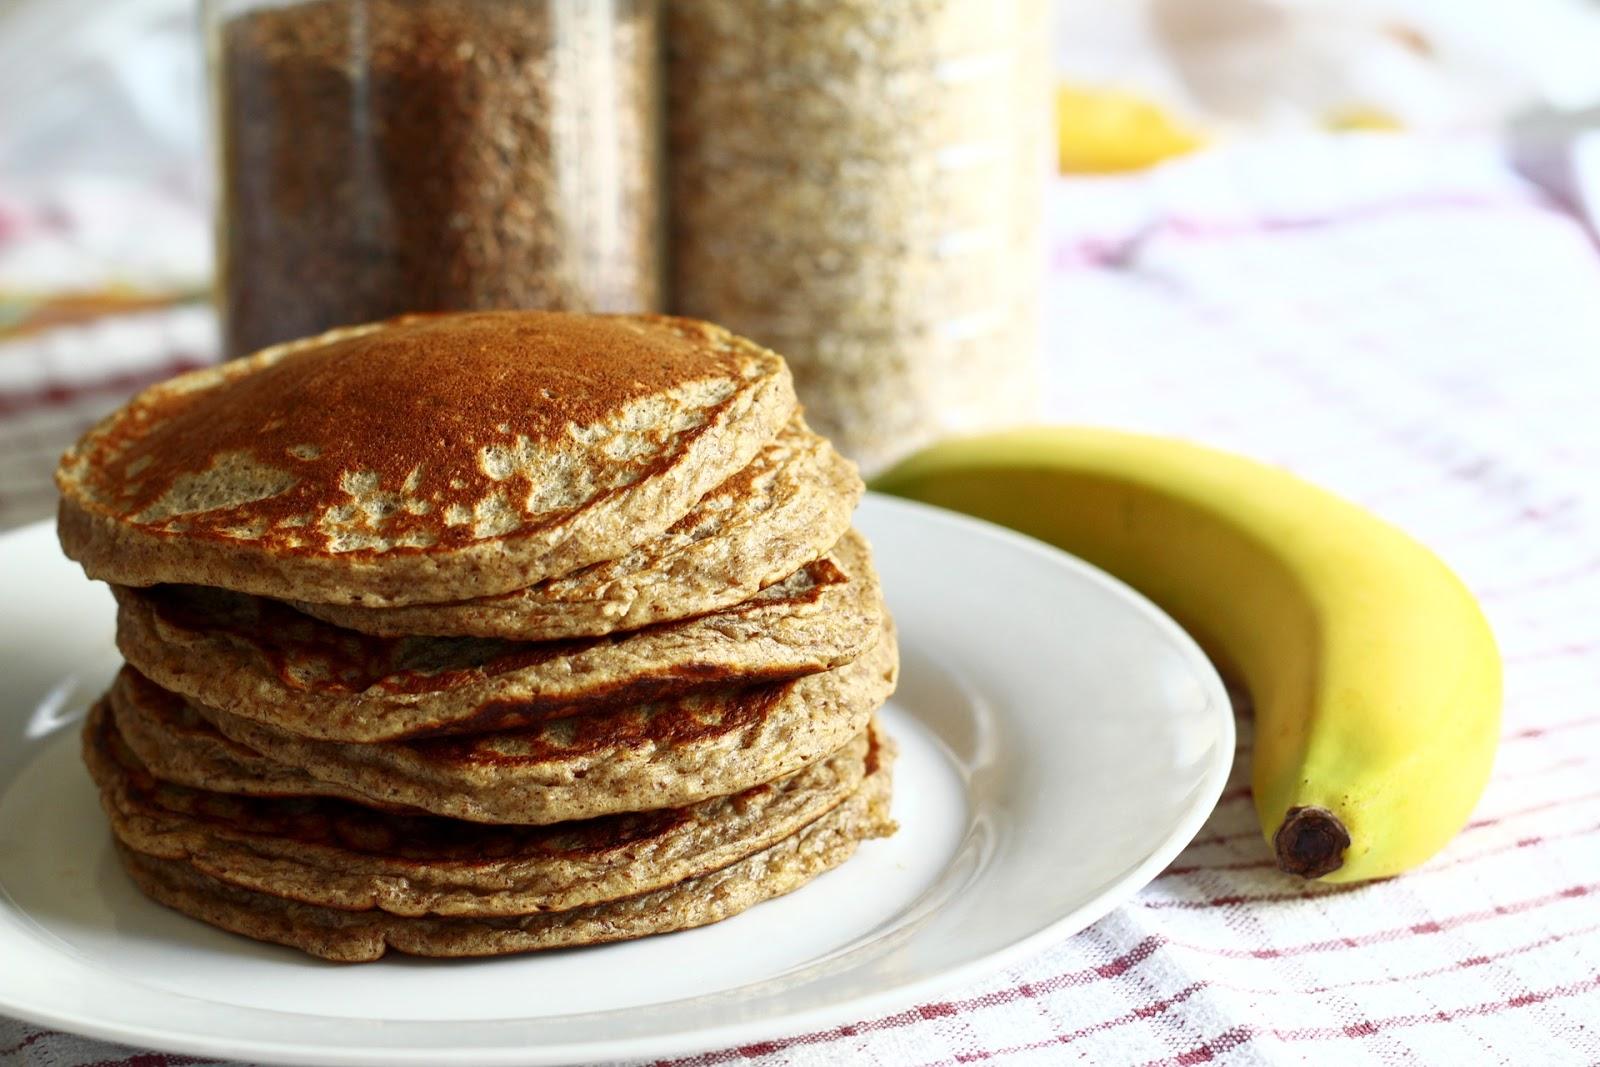 5 Dicas Para Emagrecer - www.amaeefit.com - alimentação saudável, dicas para emagrecer, comida e nutrição, super alimentos